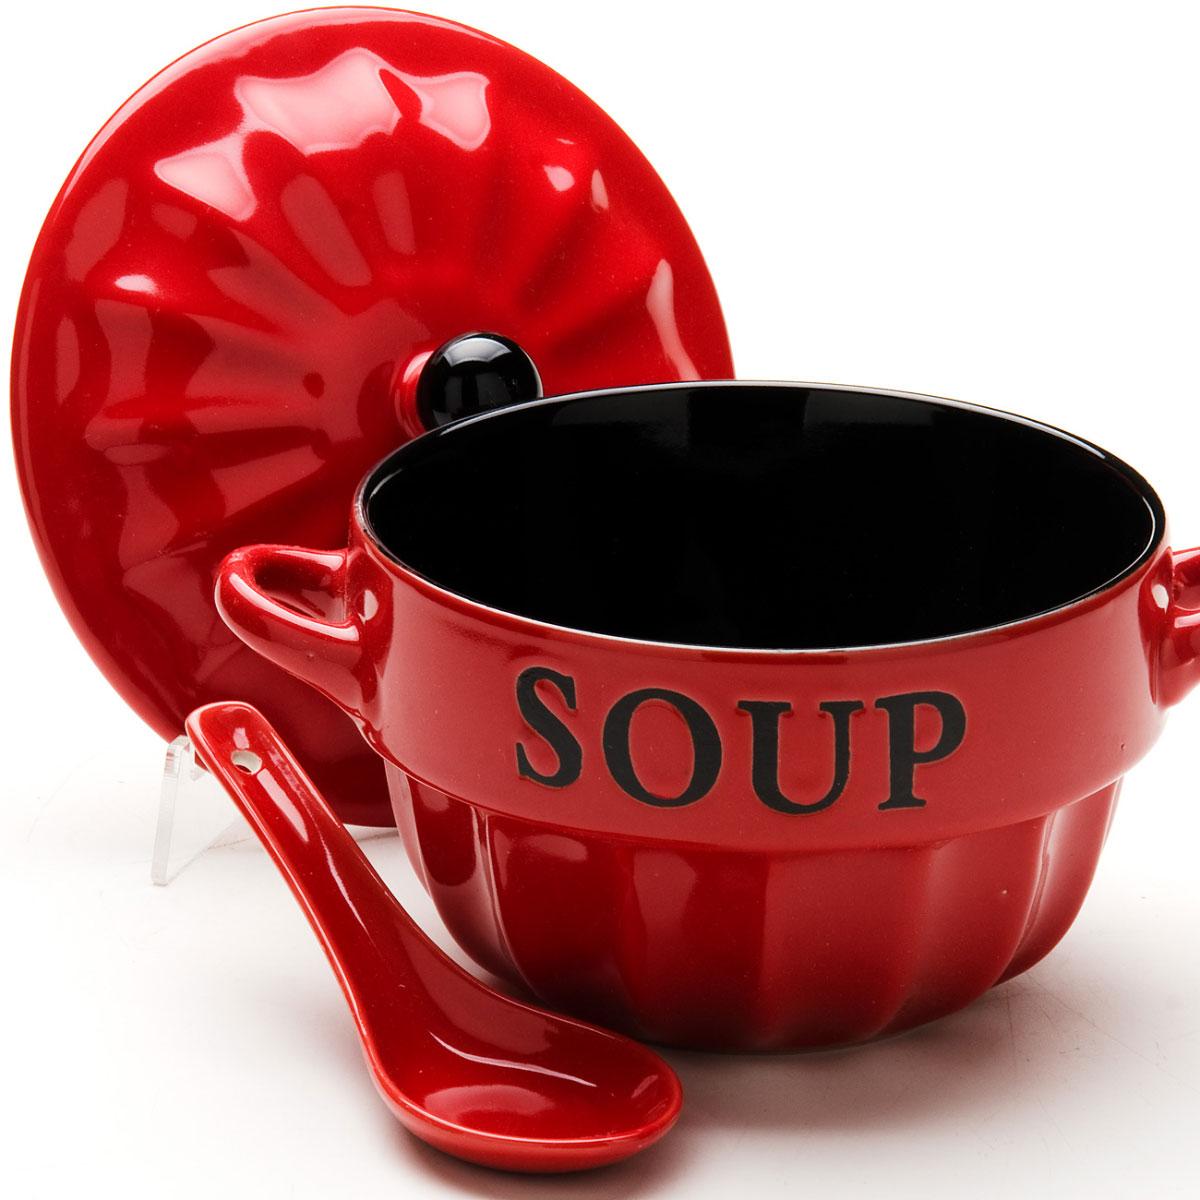 Супница Loraine, с ложкой, цвет: красный, черный, 775 мл24237-4Супница Loraine, выполнена из высококачественной керамики. Изделие оснащено двумя удобными ручками.Супница достаточно вместительна, поэтому прекрасно подойдет для подачи жидких блюд вместо обычной глубокой тарелки. Яркий дизайн и эстетичные формы украсят интерьер кухни и порадуют вас и ваших гостей. Он настроит на позитивный лад и подарит хорошее настроение. Набор является экологически безопасным, так как не содержит кадмия и свинца.Пригоден для использования в микроволновой печи, холодильнике.Можно мыть в посудомоечной машине.Супница Loraine - идеальный и необходимый подарок для вашего дома и для ваших друзей. Она станет украшением любой кухни.Диаметр супницы (по верхнему краю): 14 см.Высота (без крышки): 9 см.Длина ложки: 13,5 см.Ширина рабочей части: 4,9 см.